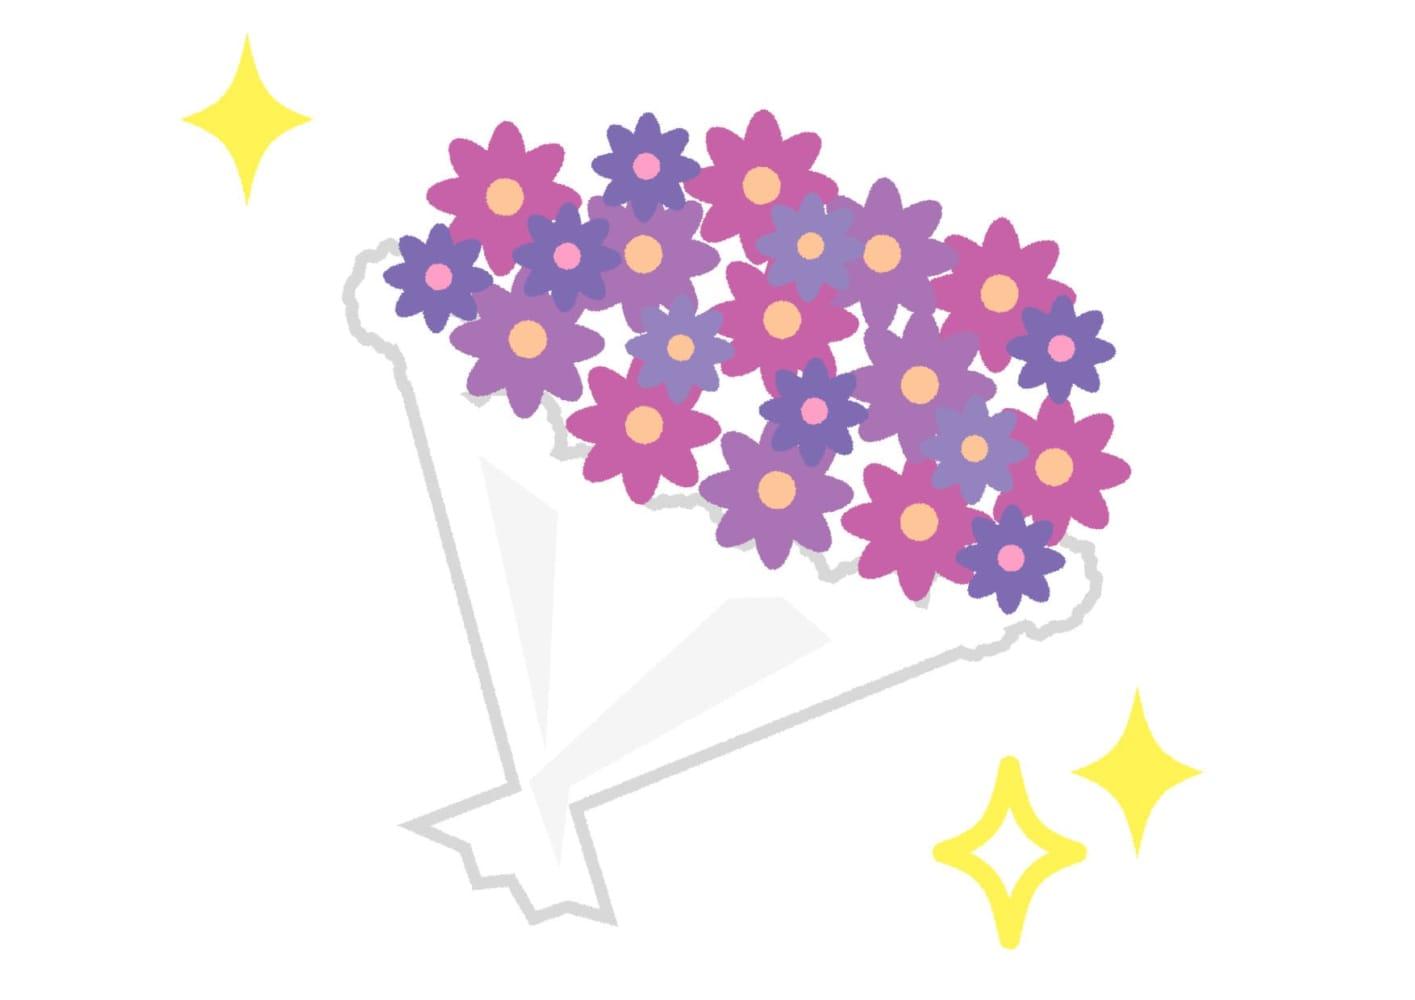 花束 紫色 キラキラ イラスト 無料